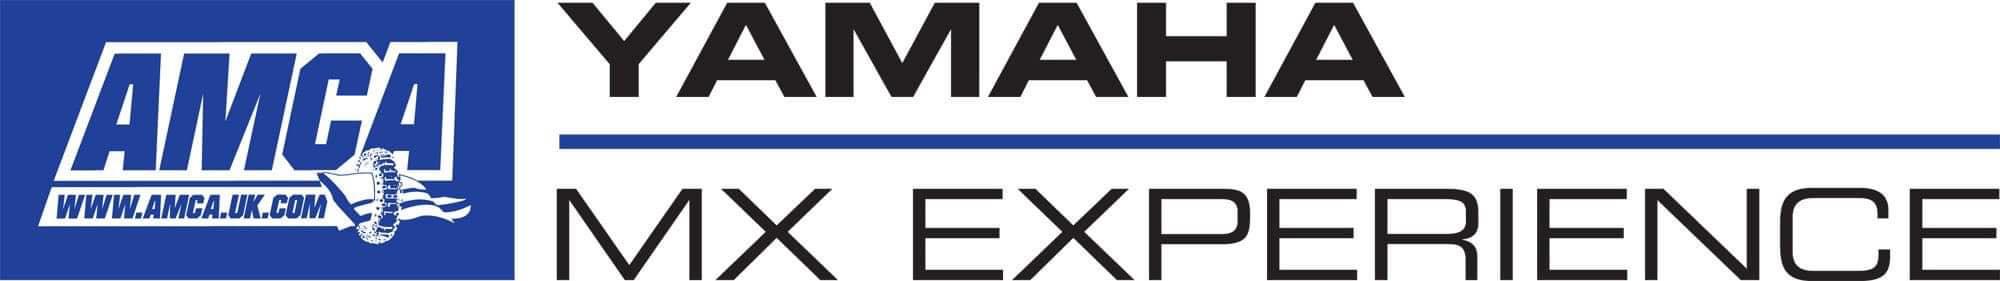 Yamaha Mx Experience